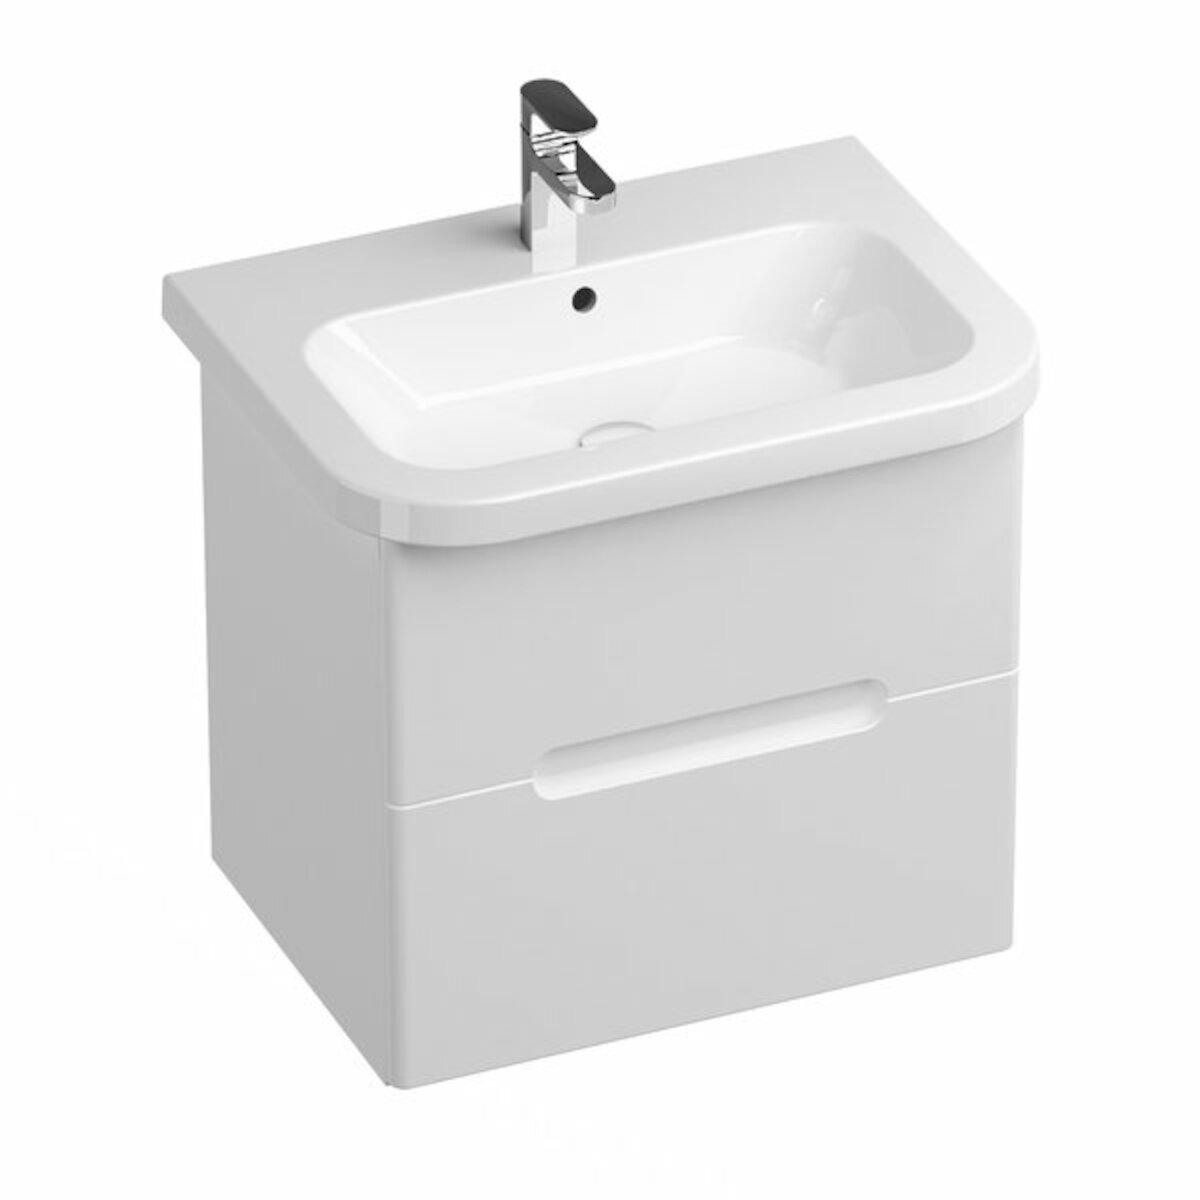 Kúpeľňová skrinka pod umývadlo Ravak chróme 59x42 cm biela X000001291